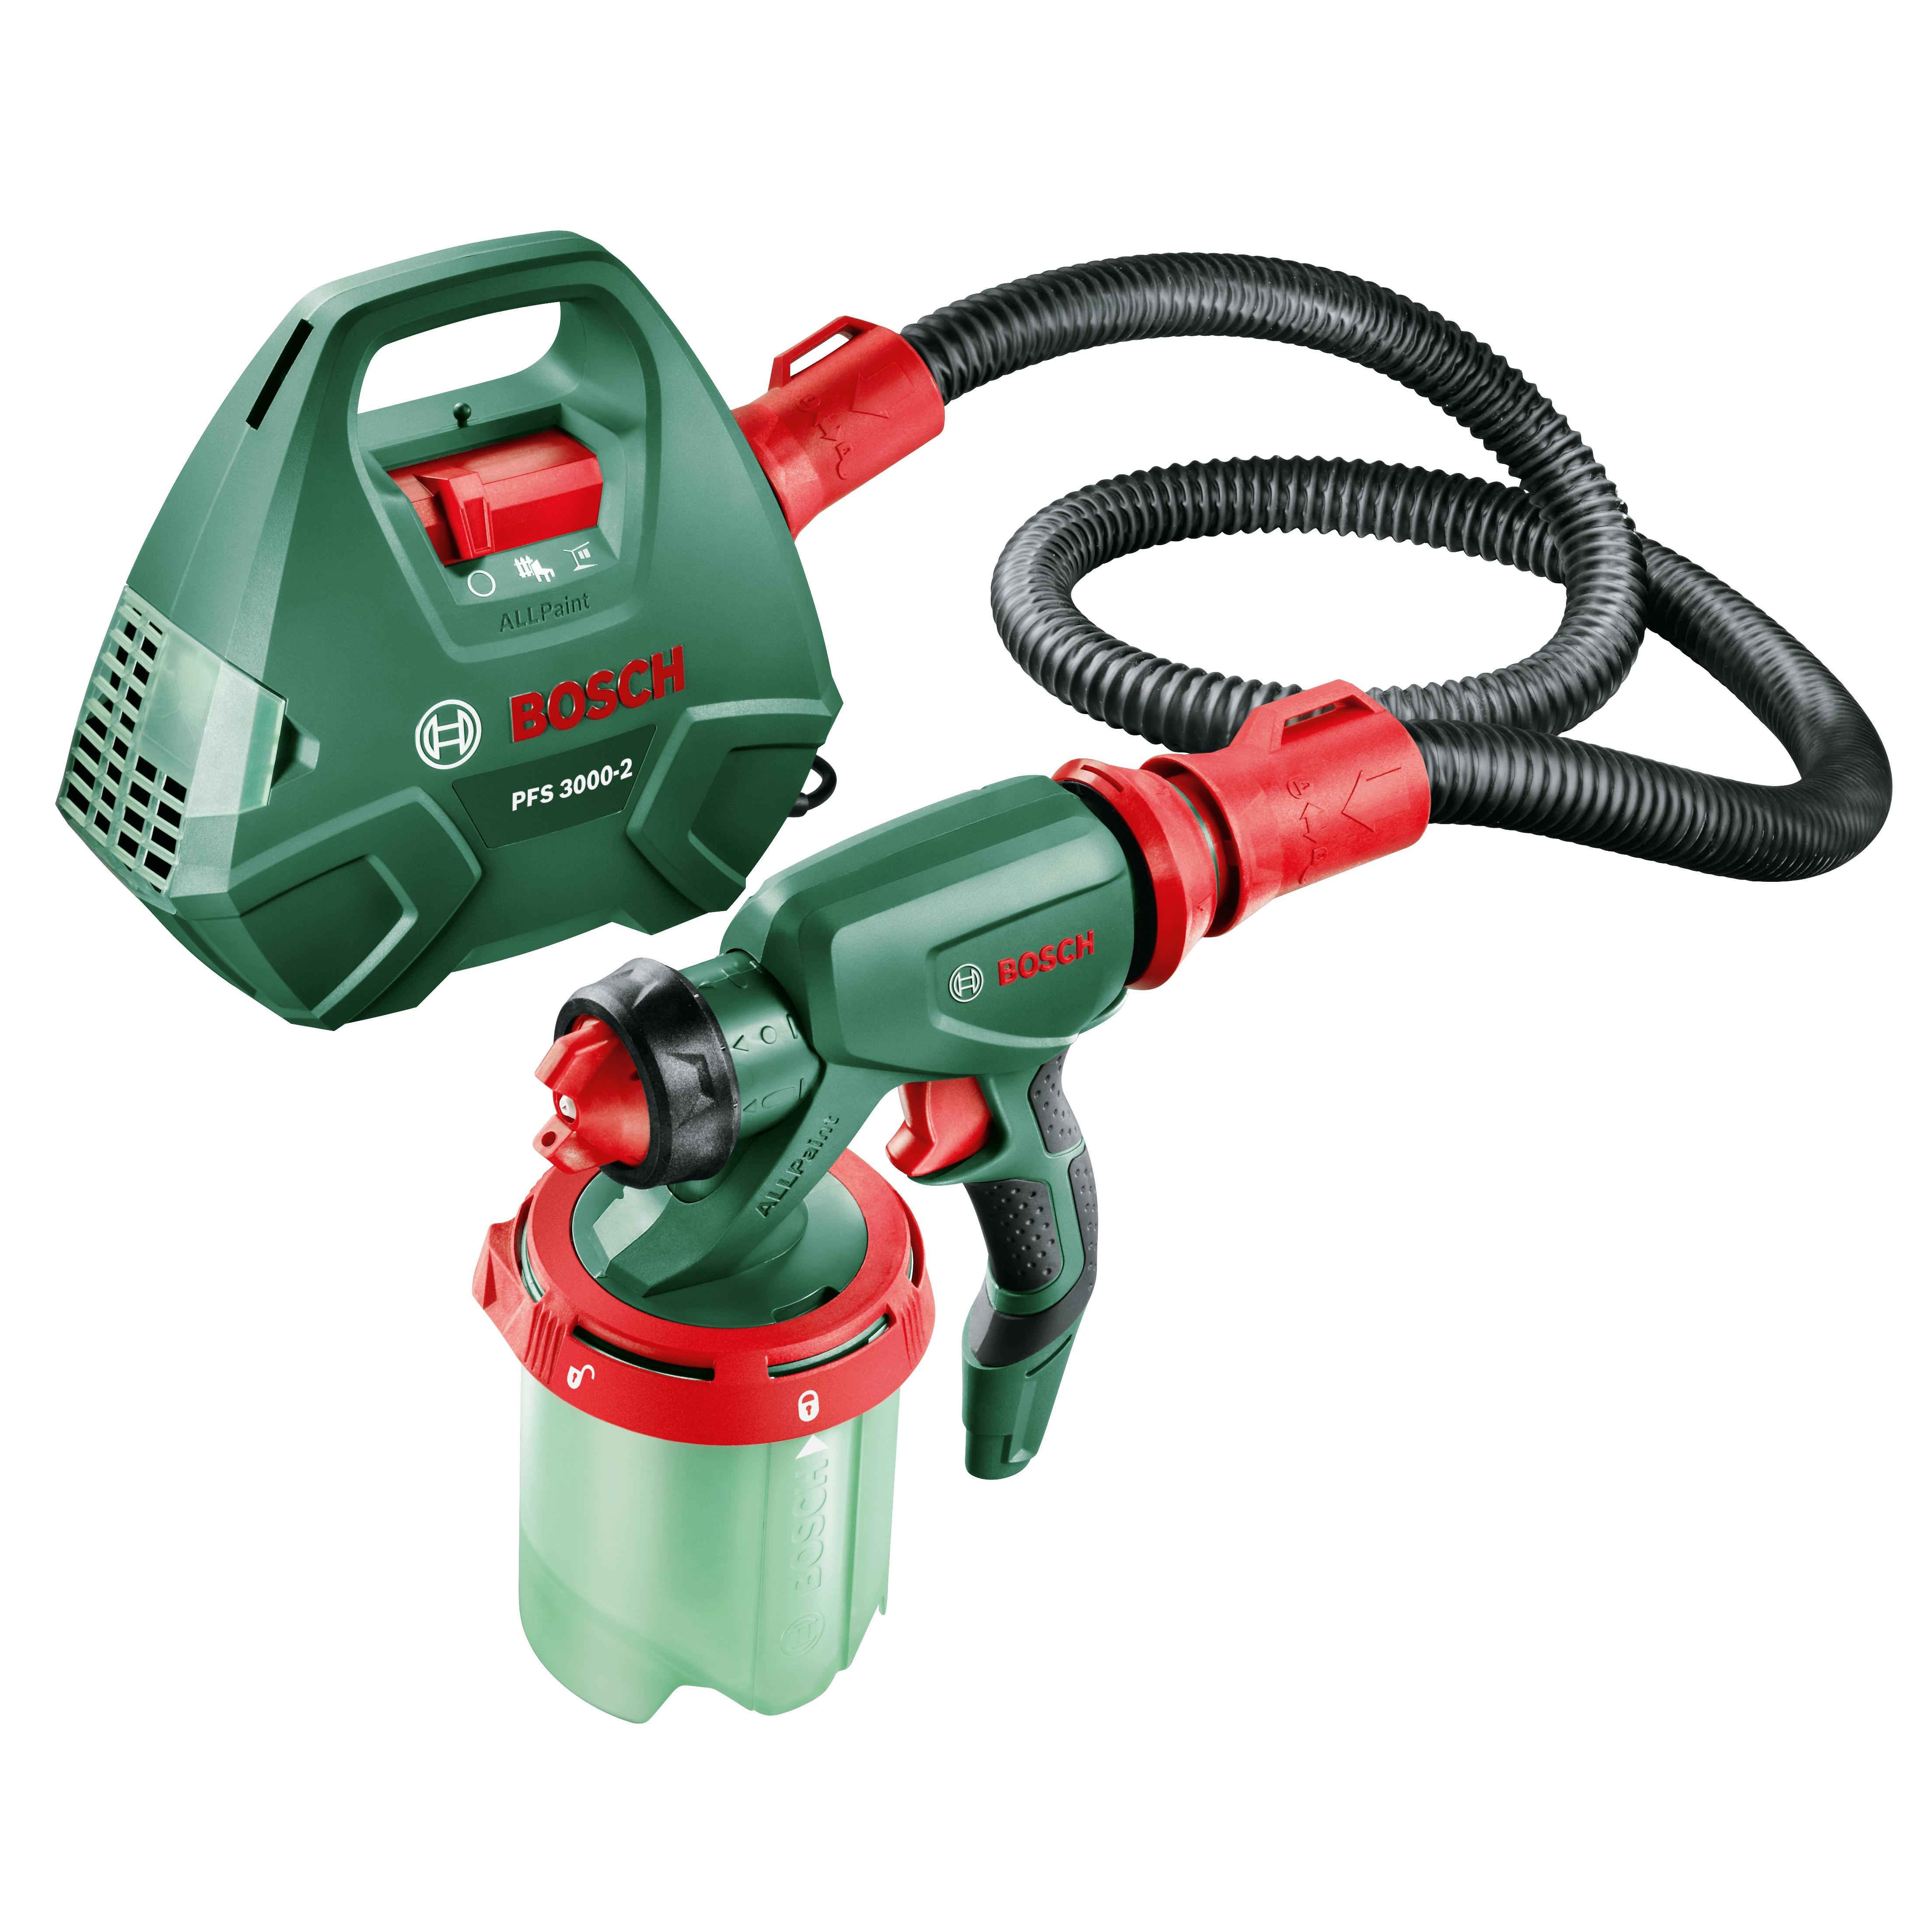 Pistol pentru vopsit Bosch PFS 3000-2, 650W, 1000 ml, 300 ml/min mathaus 2021